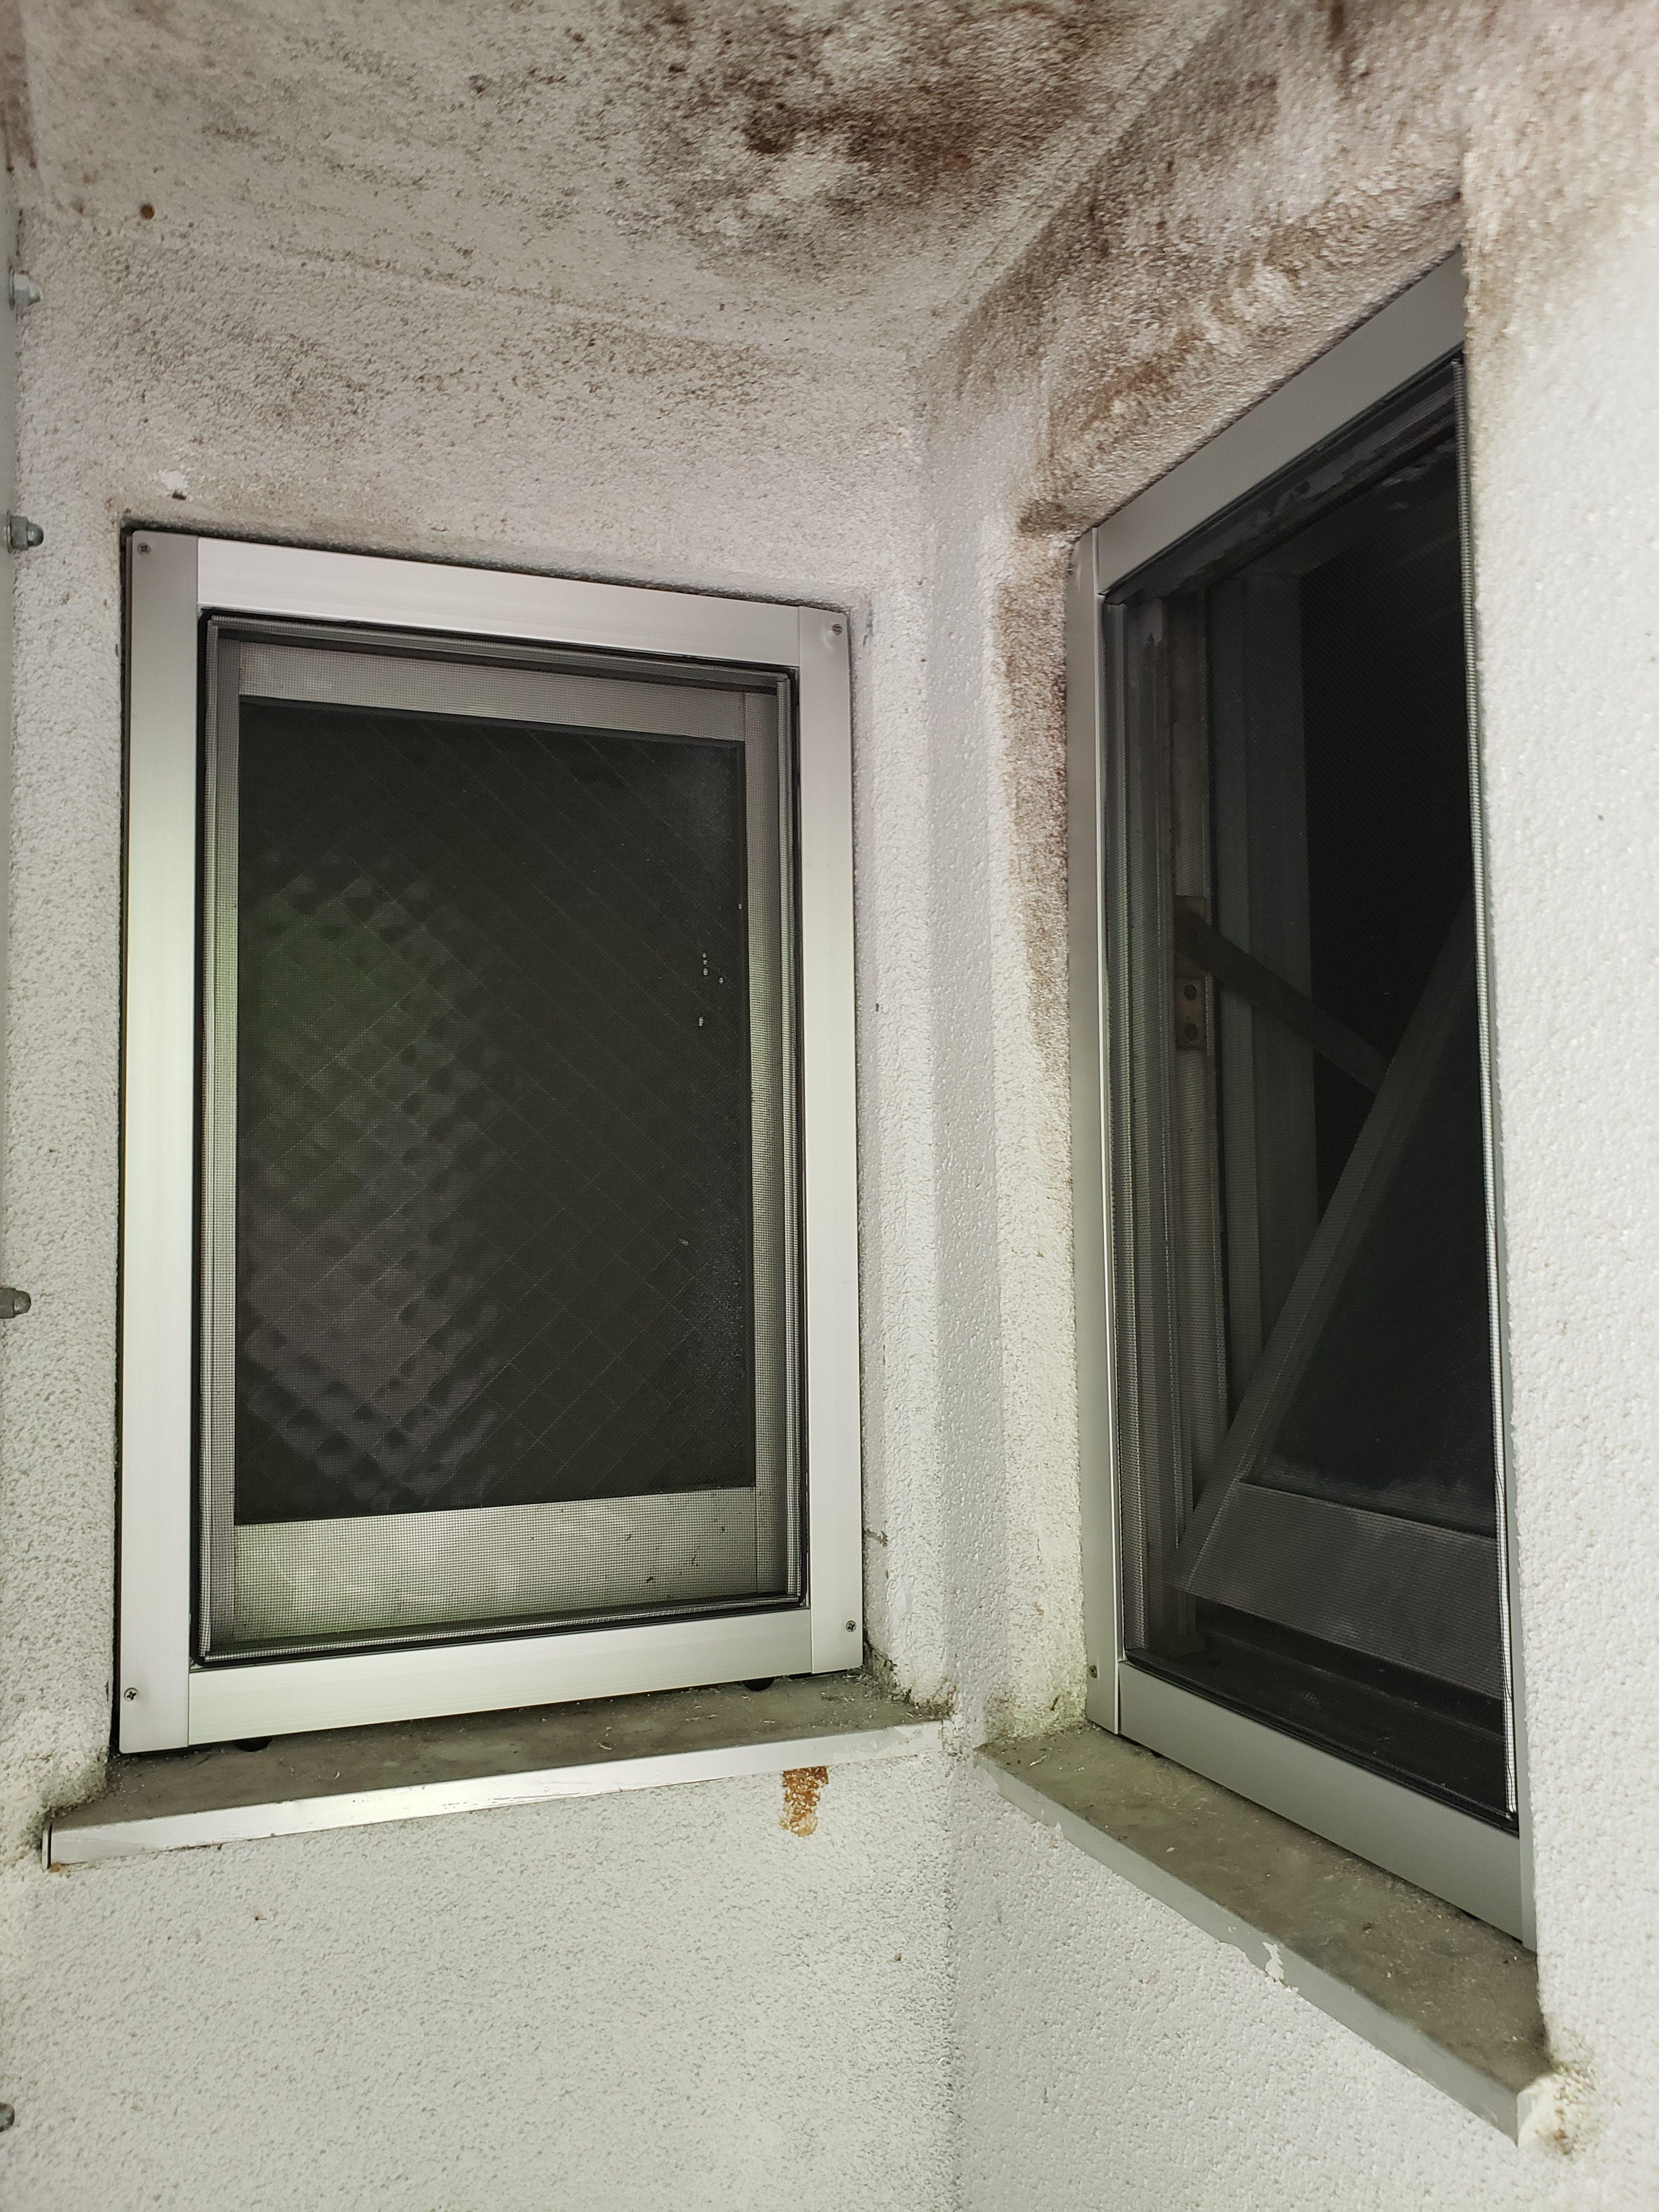 ギャラリーパティオの網戸新設 公営住宅の施工事例写真